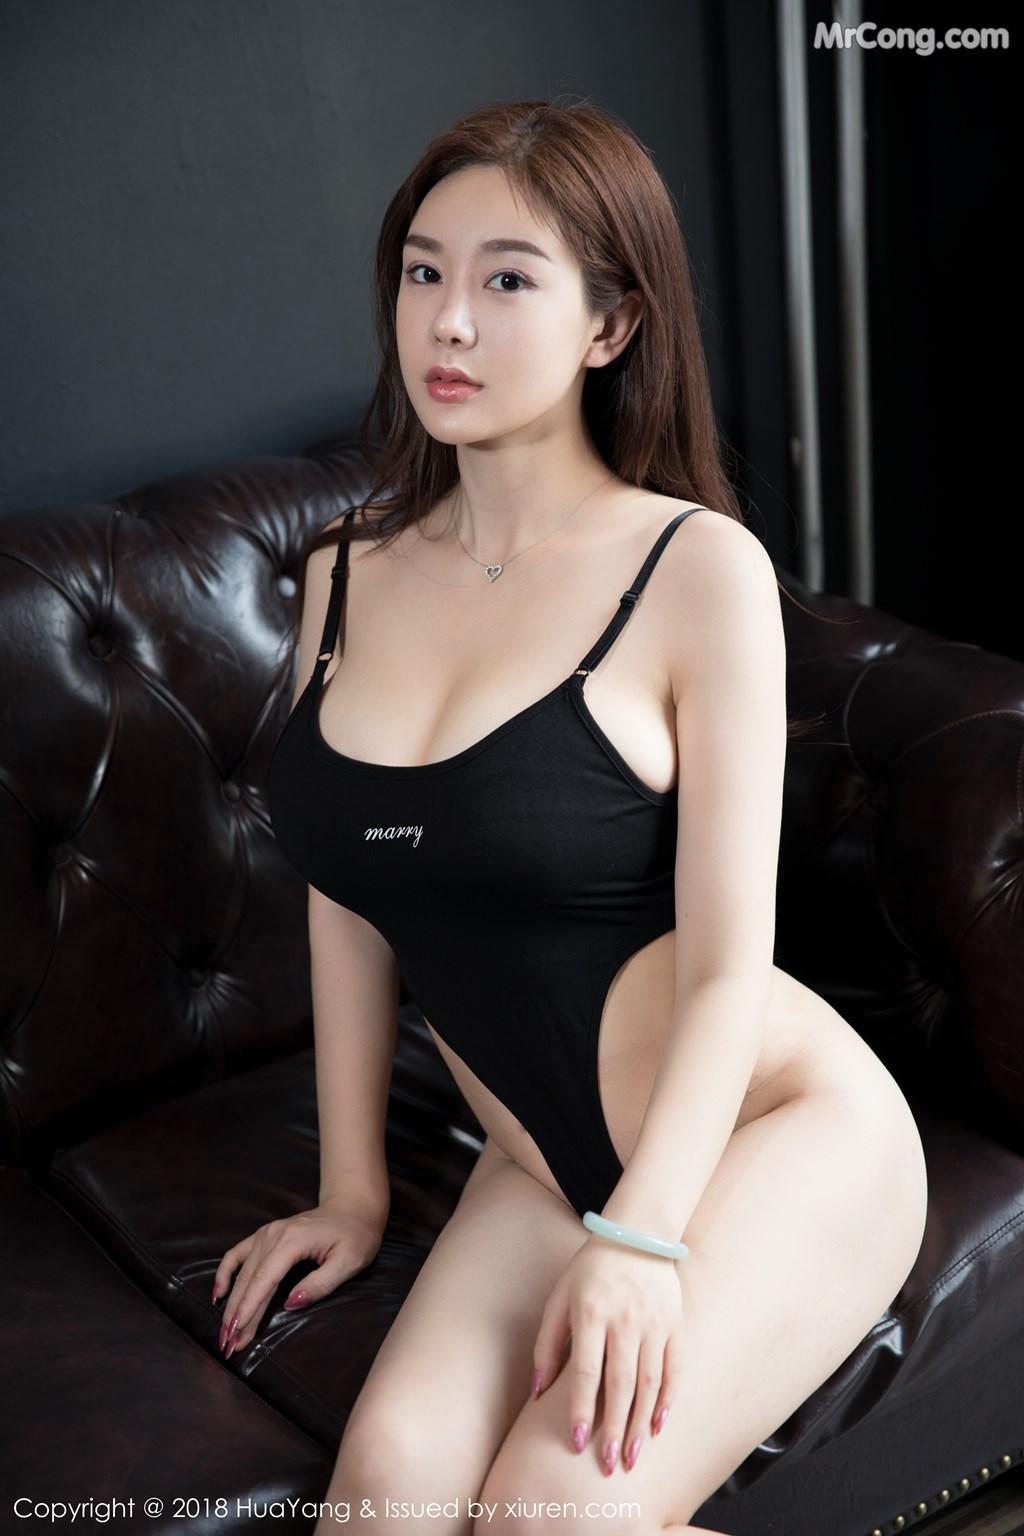 Image HuaYang-2018-08-09-Vol.068-Silvia-MrCong.com-010 in post HuaYang 2018-08-09 Vol.068: Người mẫu 易阳Silvia (41 ảnh)